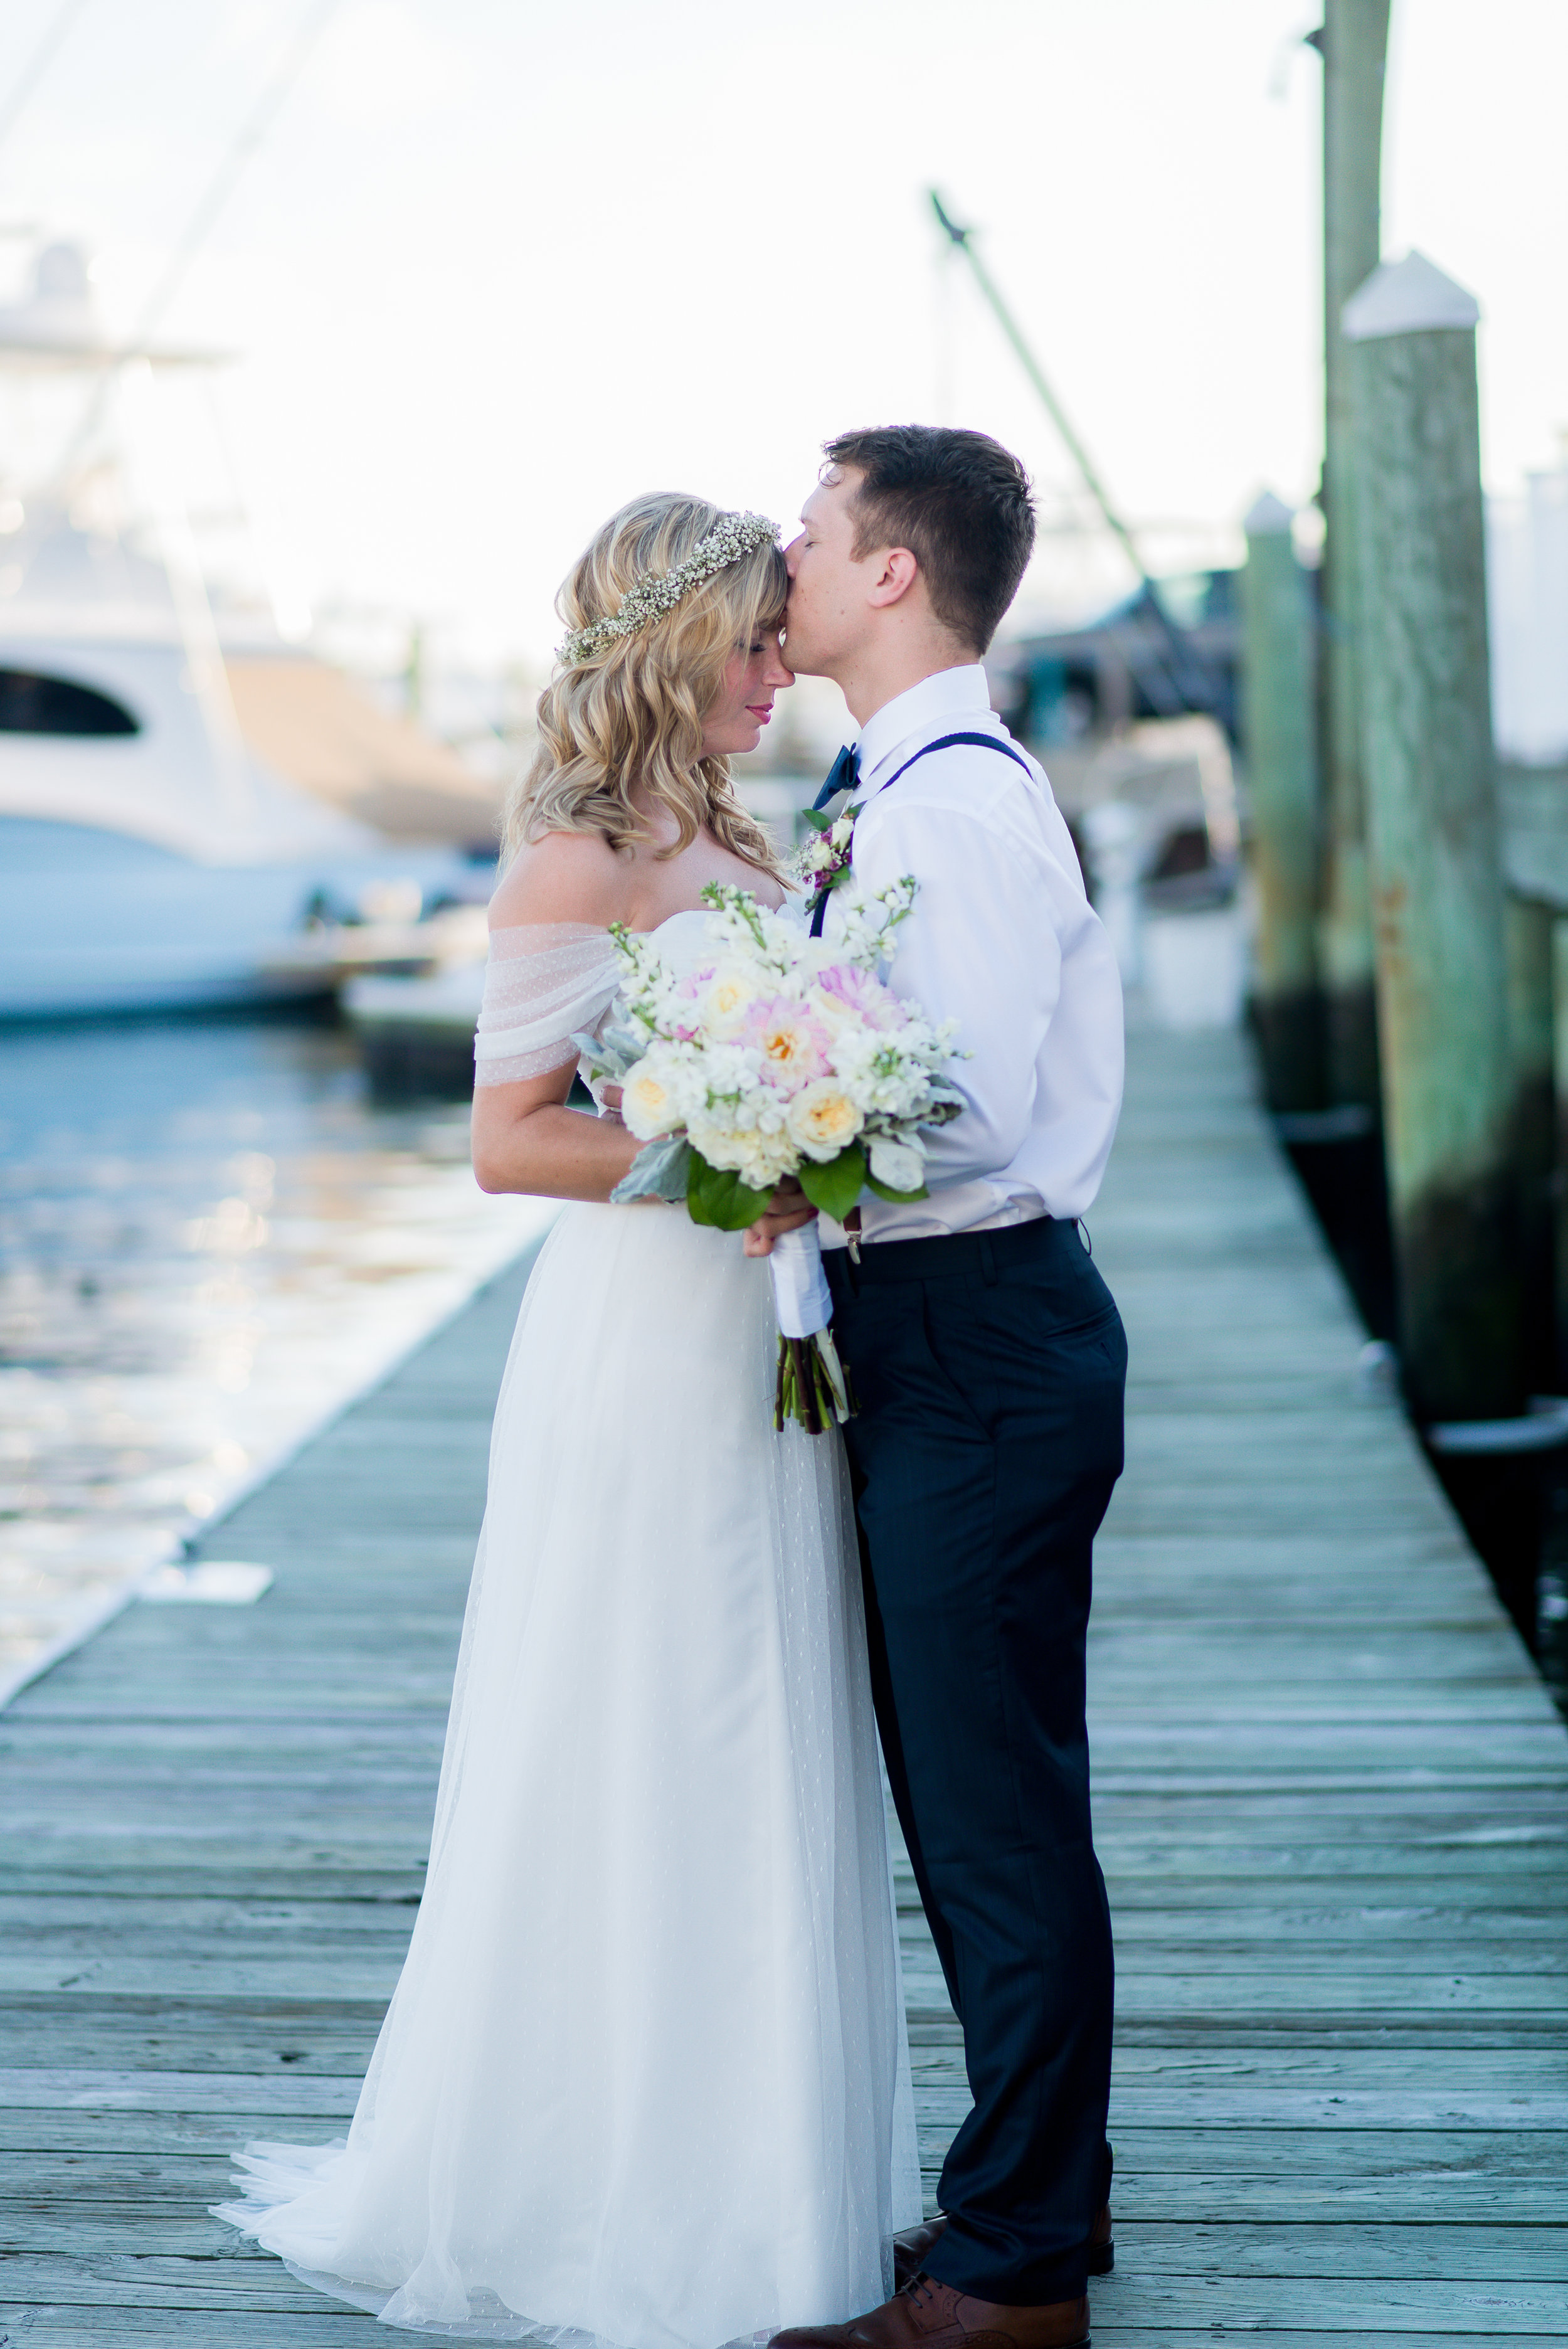 Laura + Joel | Married0775.jpg